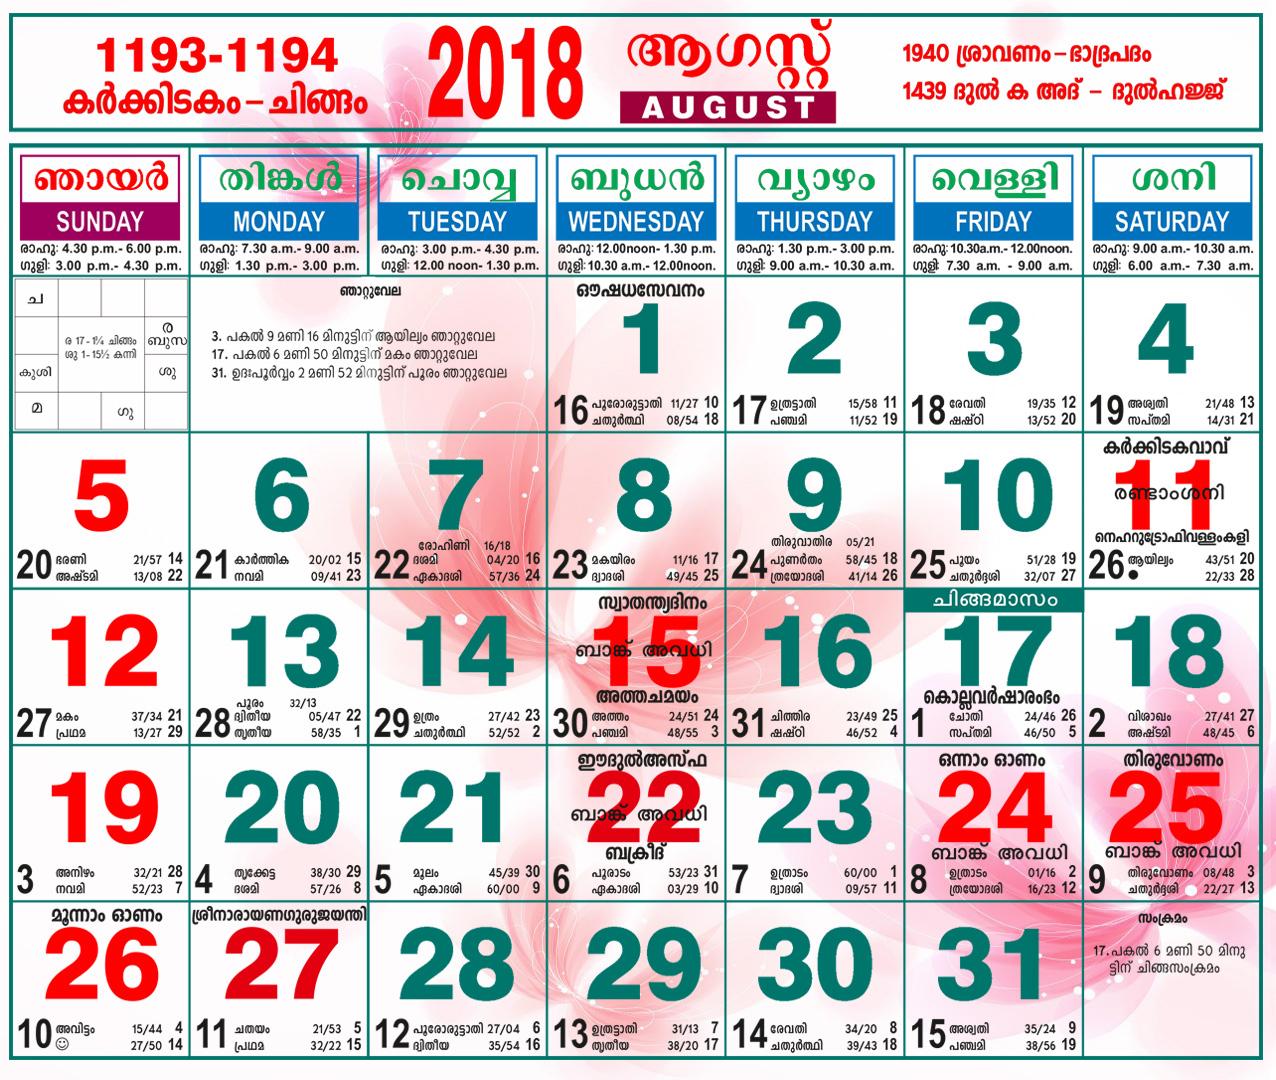 子供向けぬりえ: ベスト50+Malayalam Calendar 2016 August pertaining to Manorama Calendar 2016